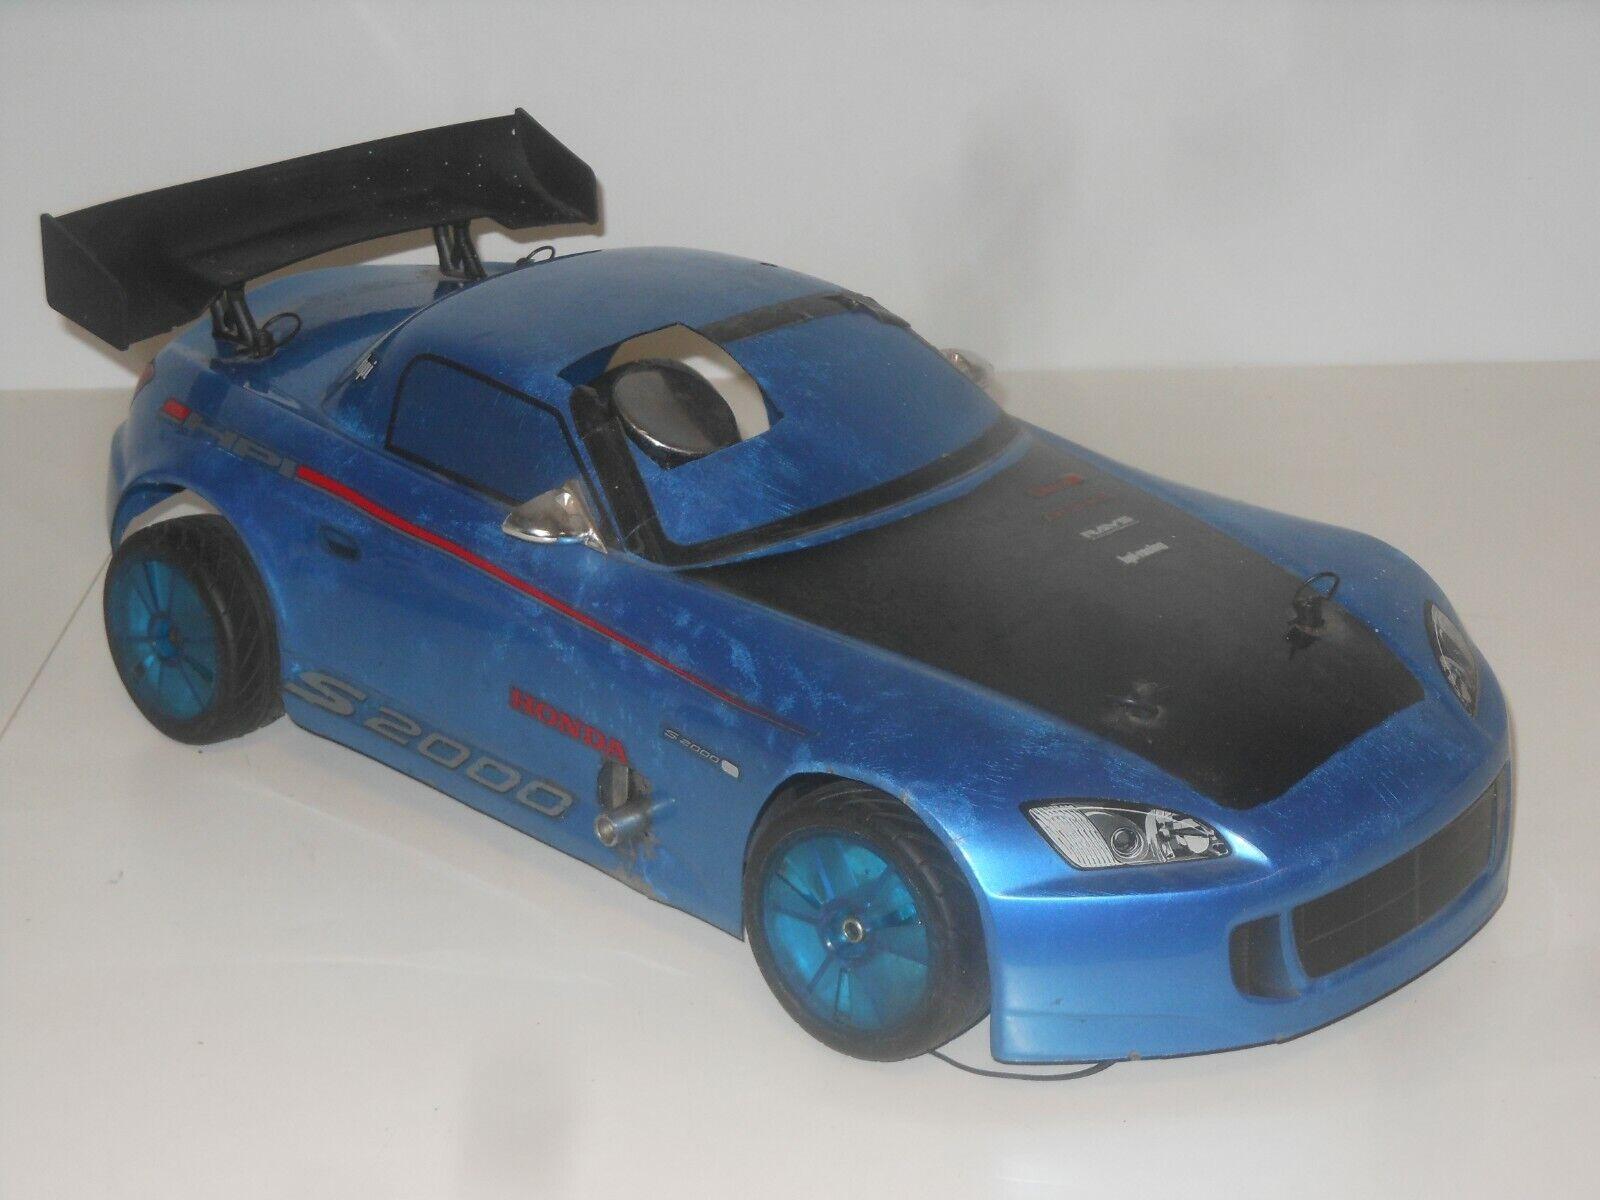 Ersatzteil 1x Bremsscheibe für Reely Carbon Fighter Verbrenner Buggy 1:6 RC Car